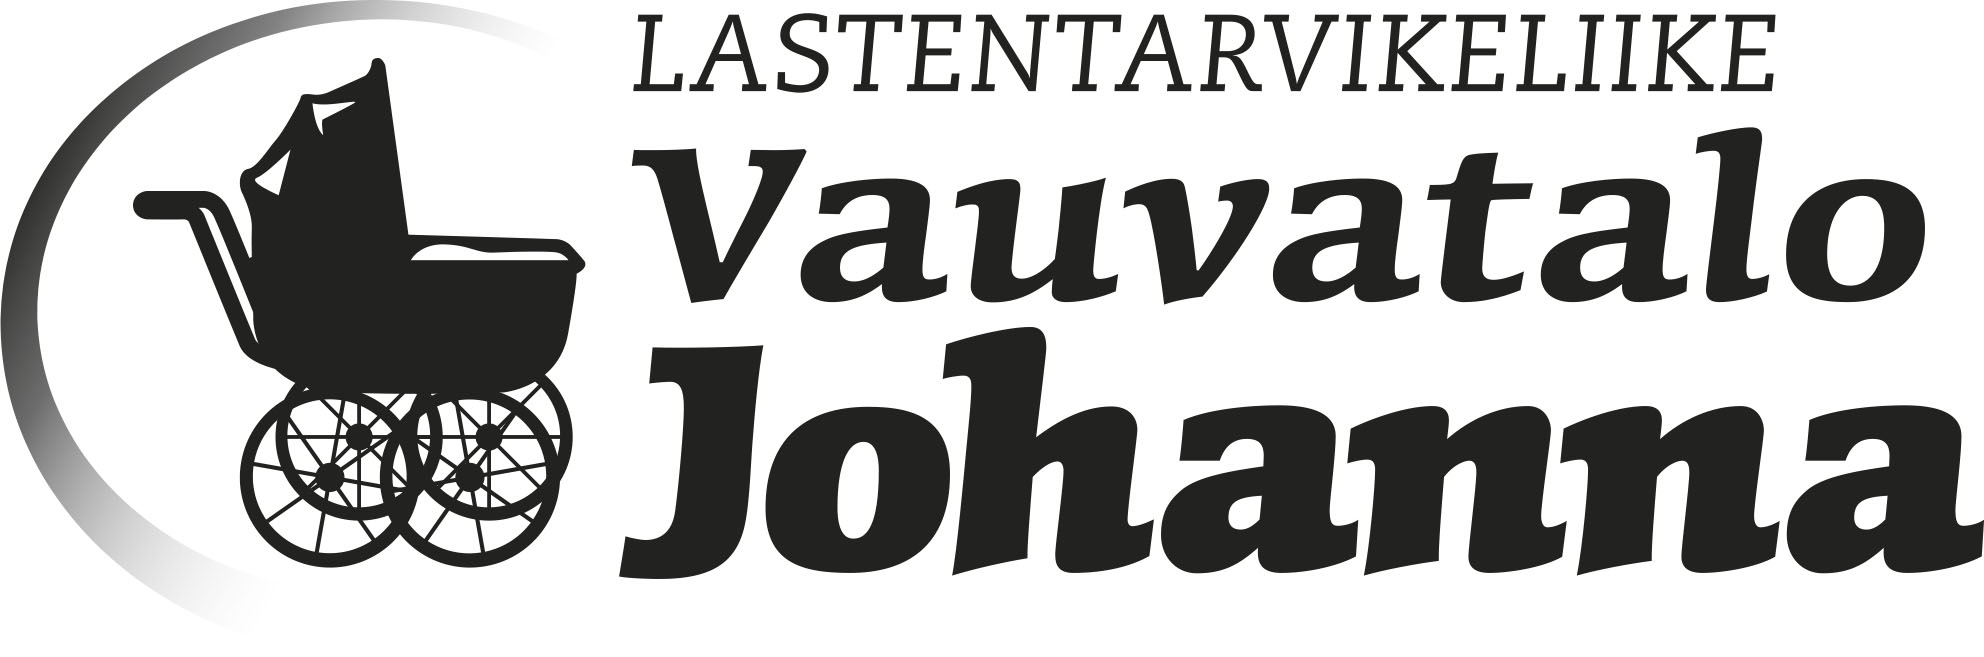 Vauvatalo Johanna Sello